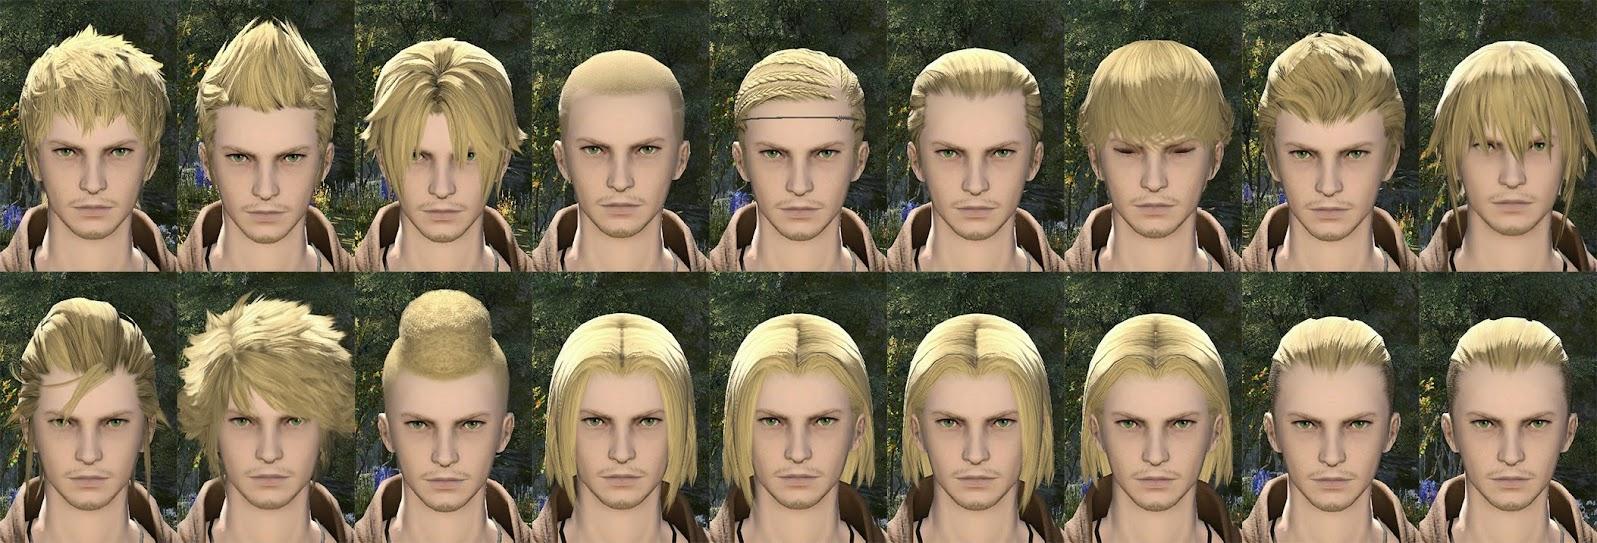 Hyur Male Hair